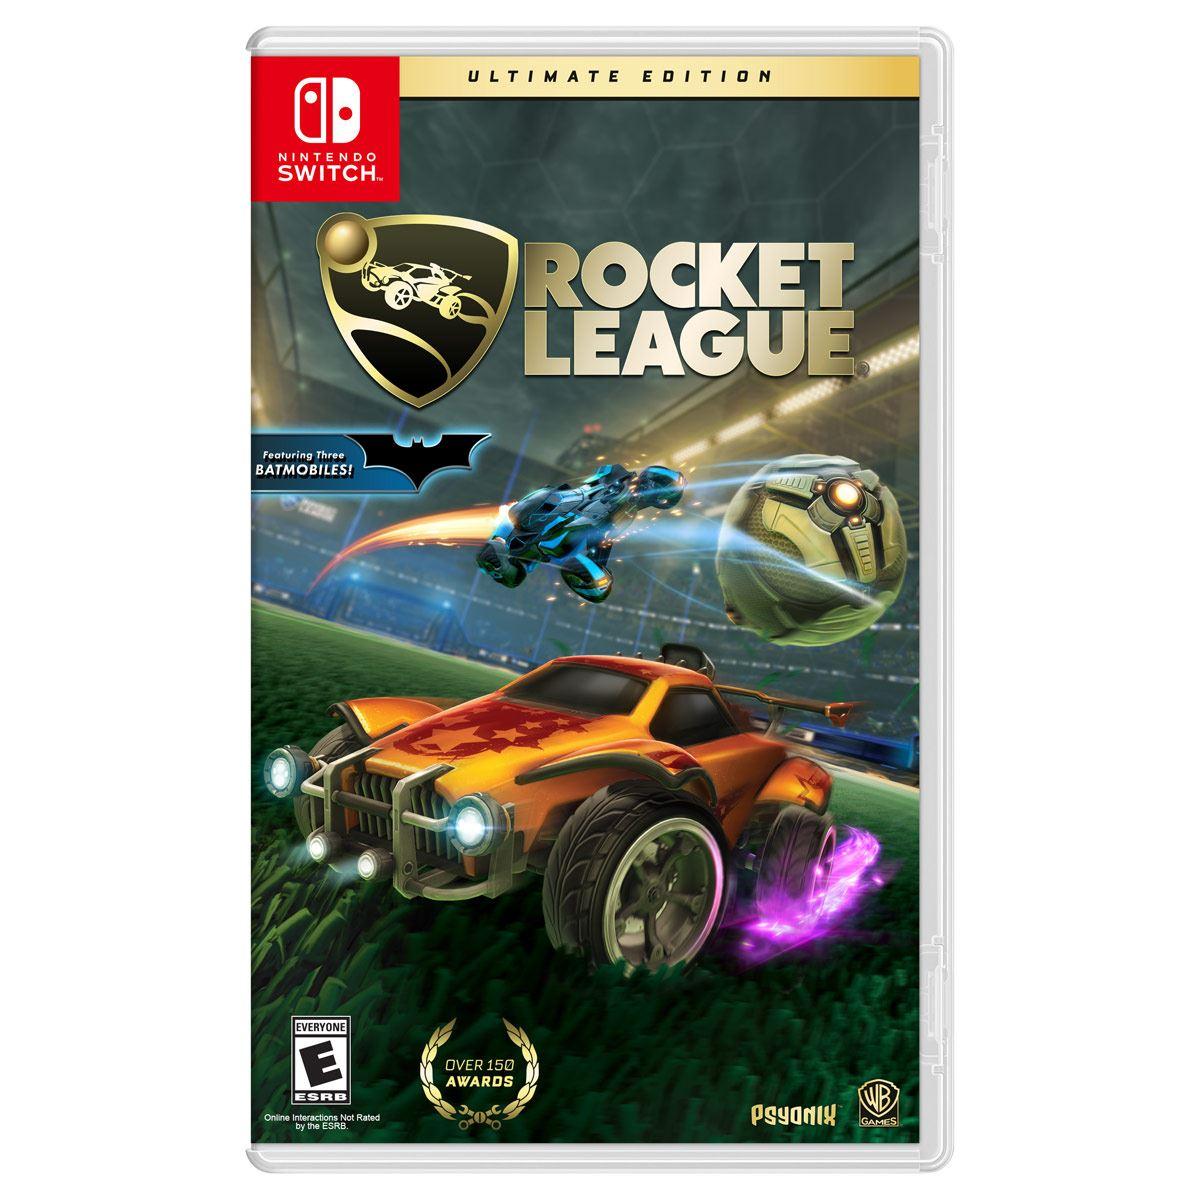 NSW Rocket League UE